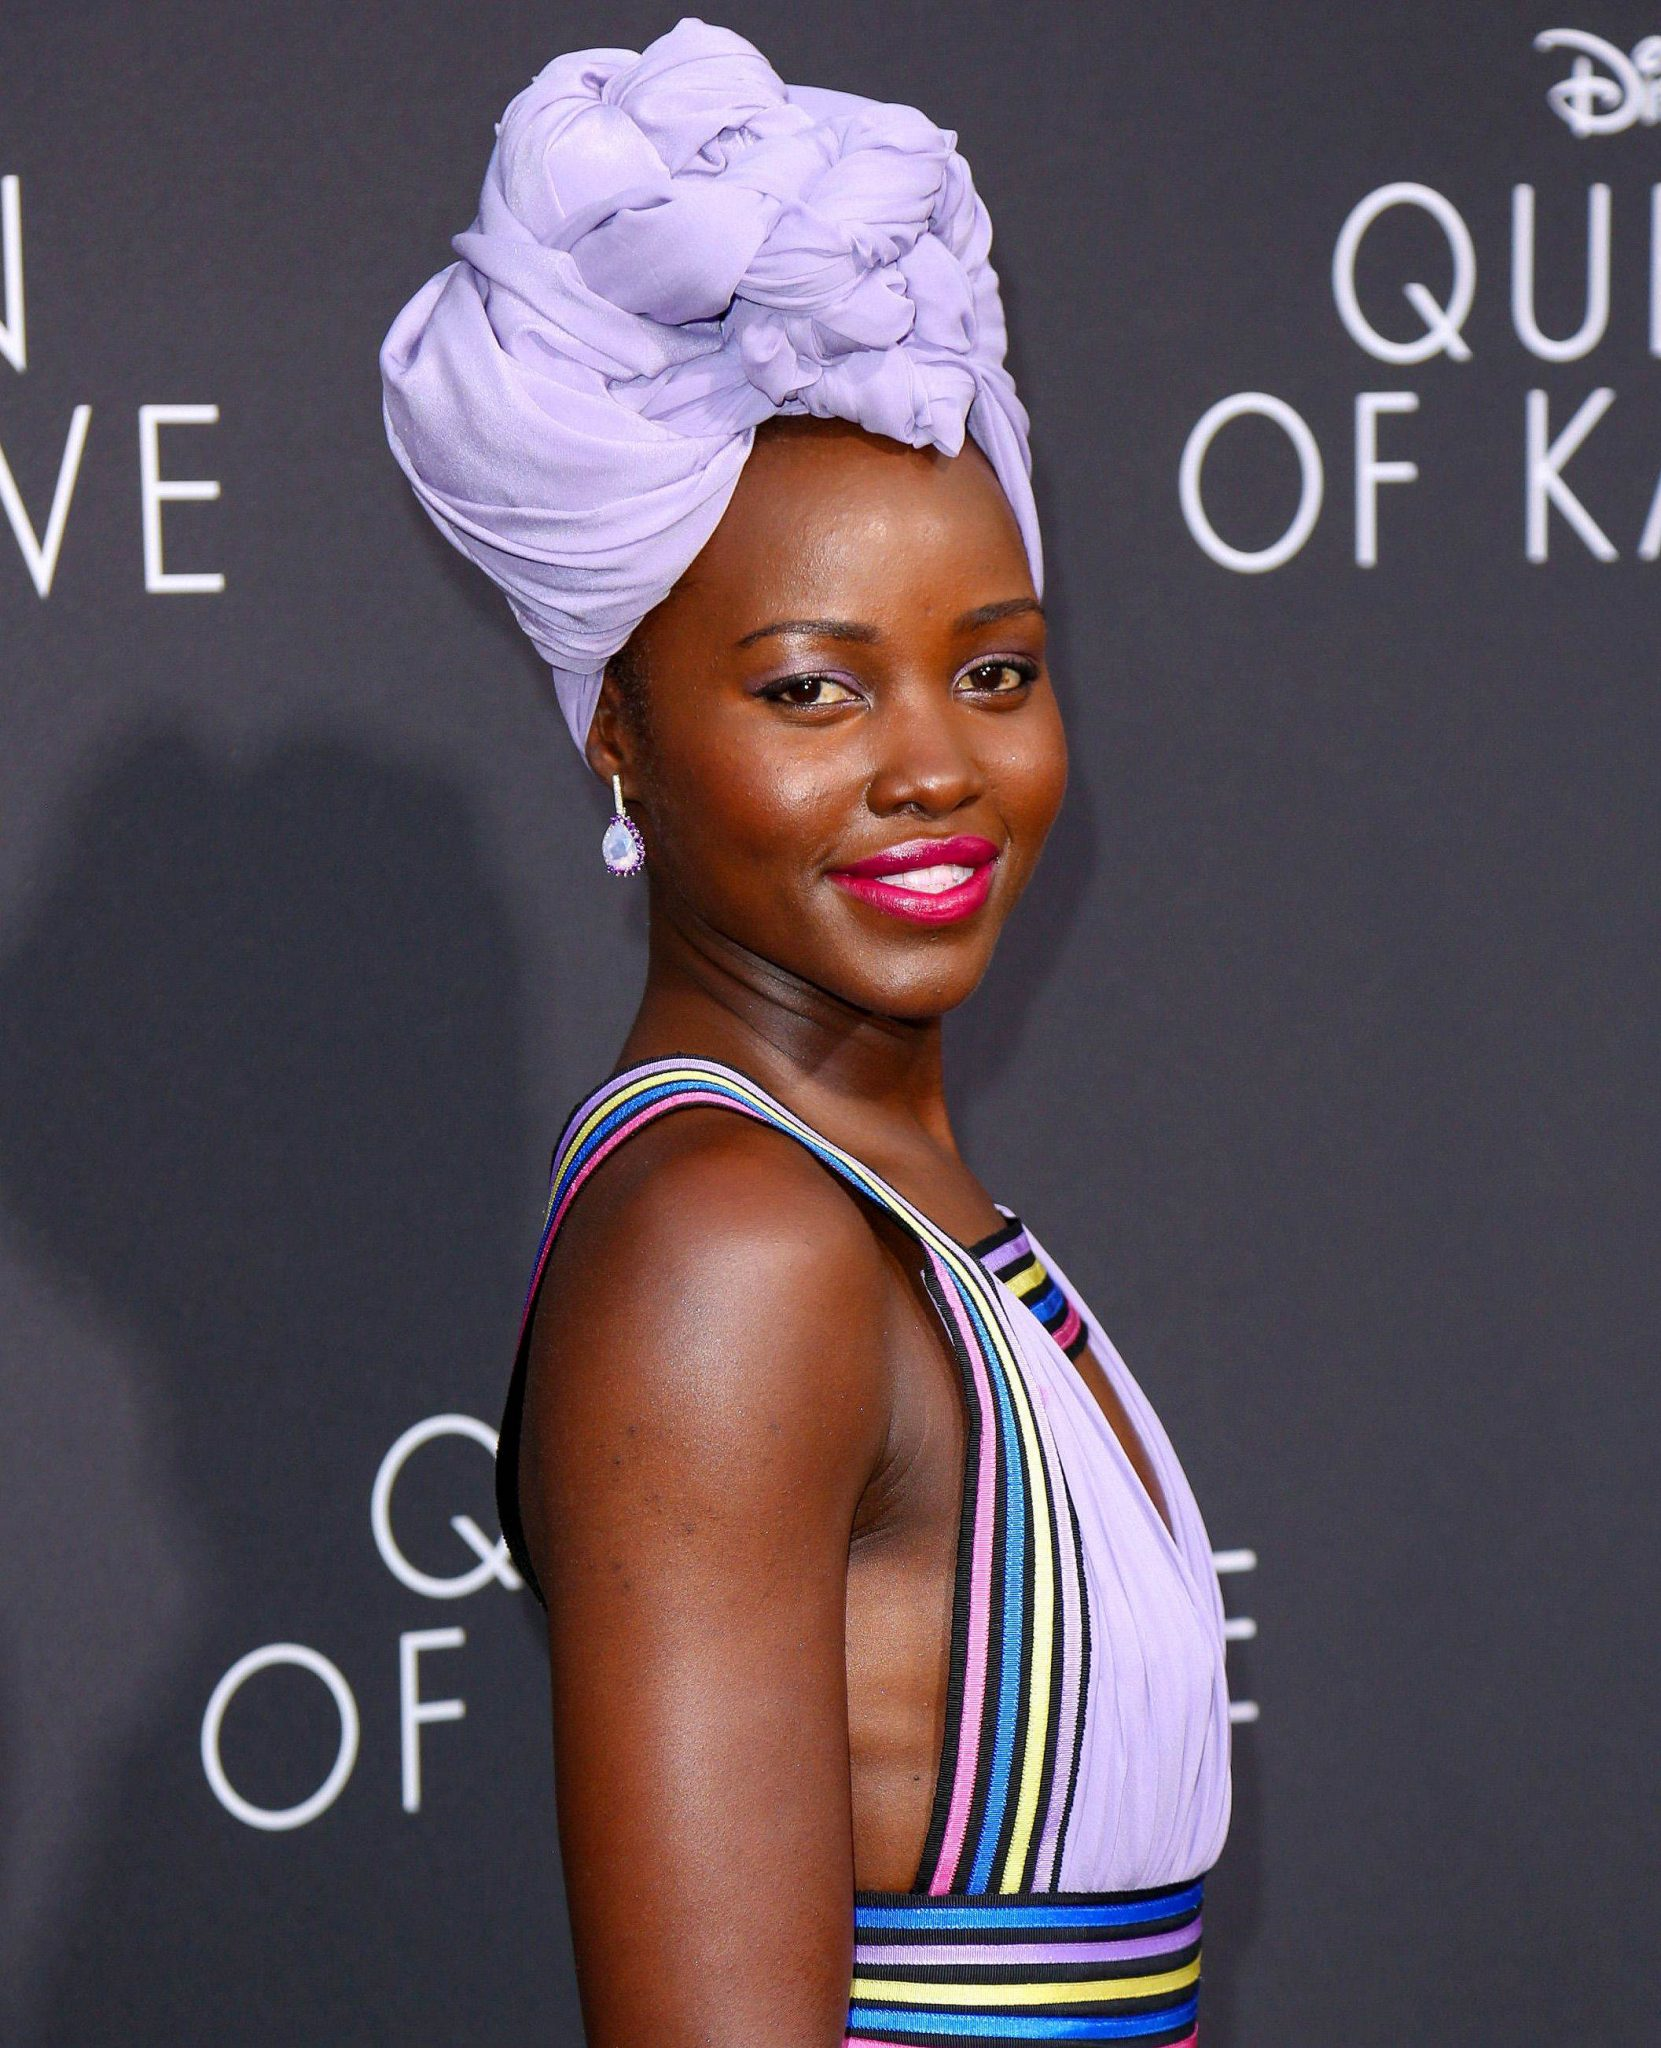 Самые красивые африканки в Голливуде (14 фото) супер новости